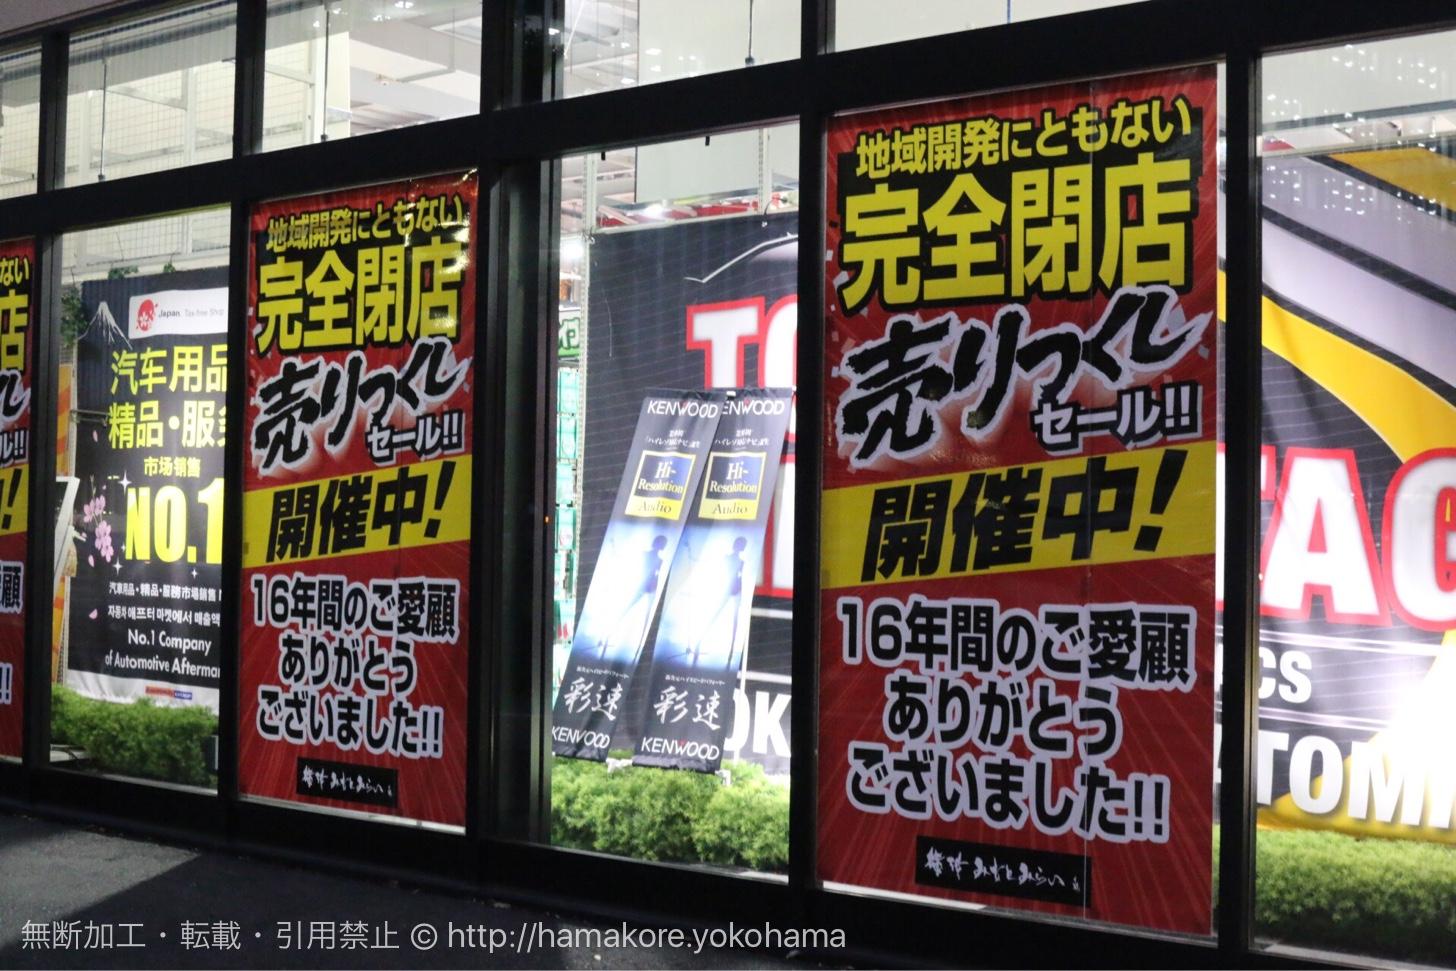 スーパーオートバックス 横浜みなとみらい店